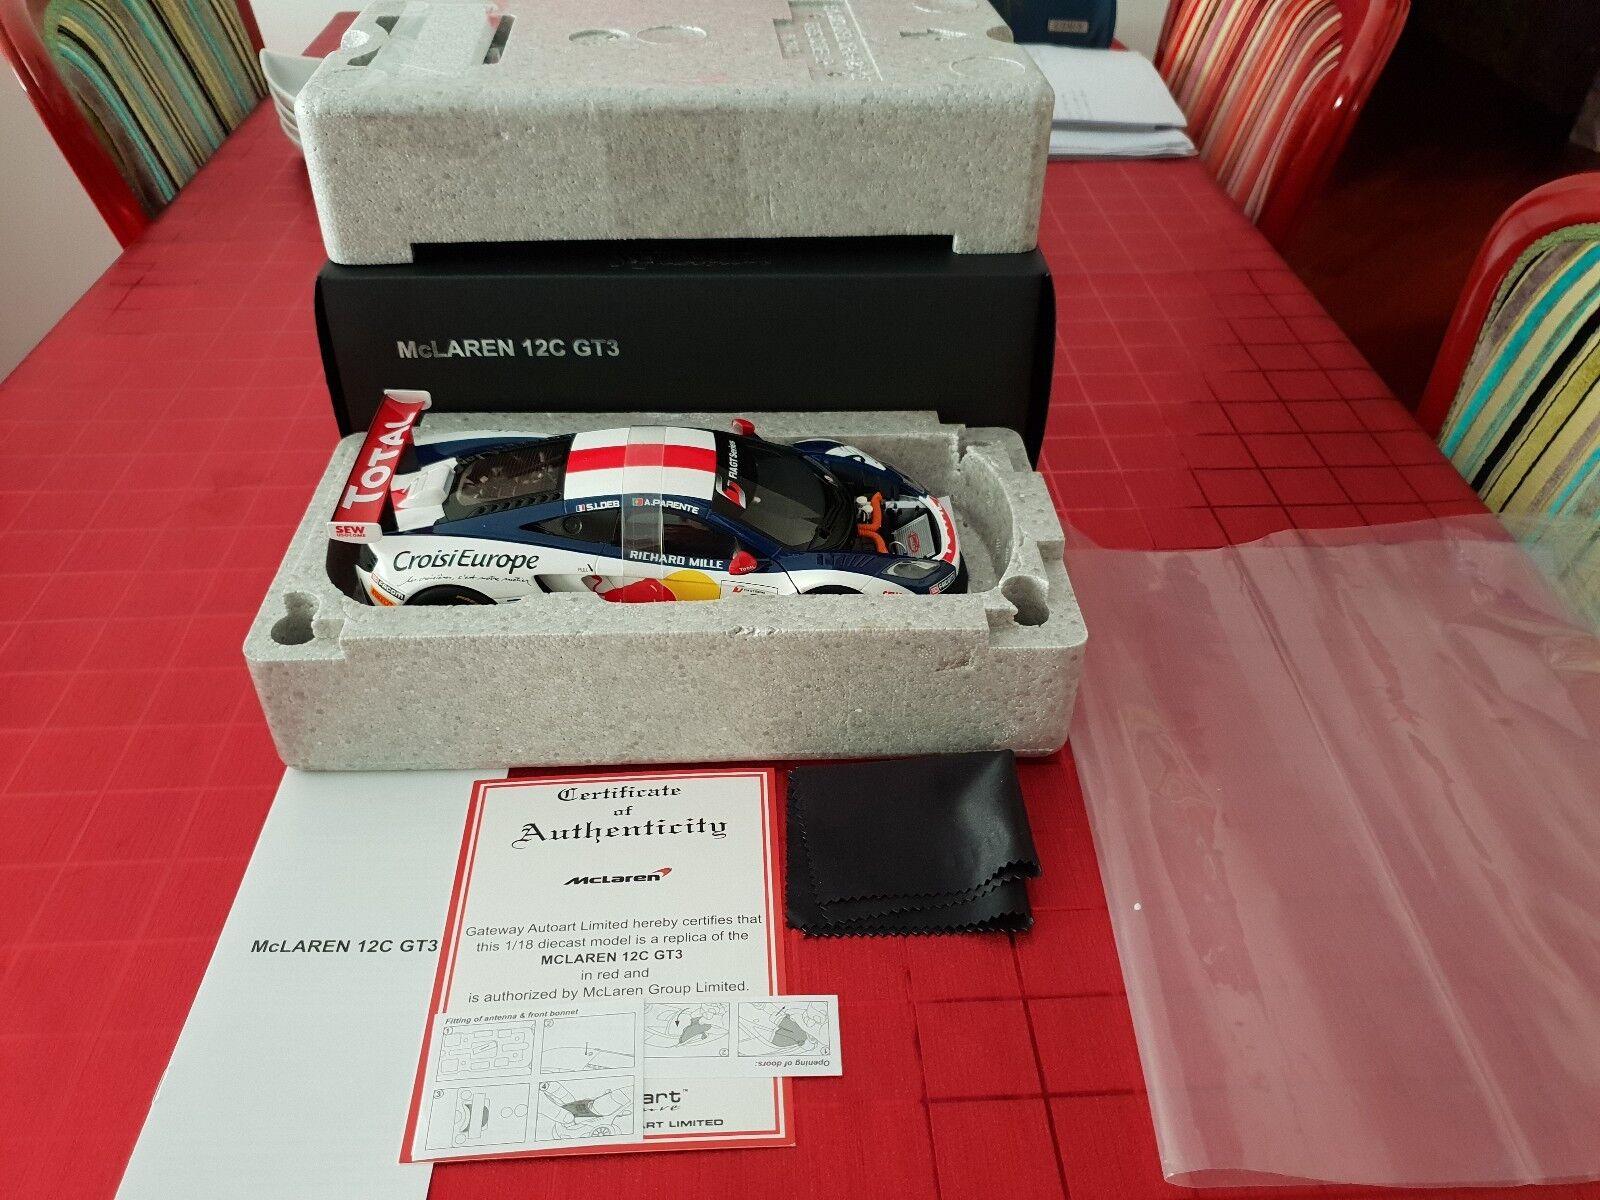 MCLAREN 12C GT3 1 18 AUTOART